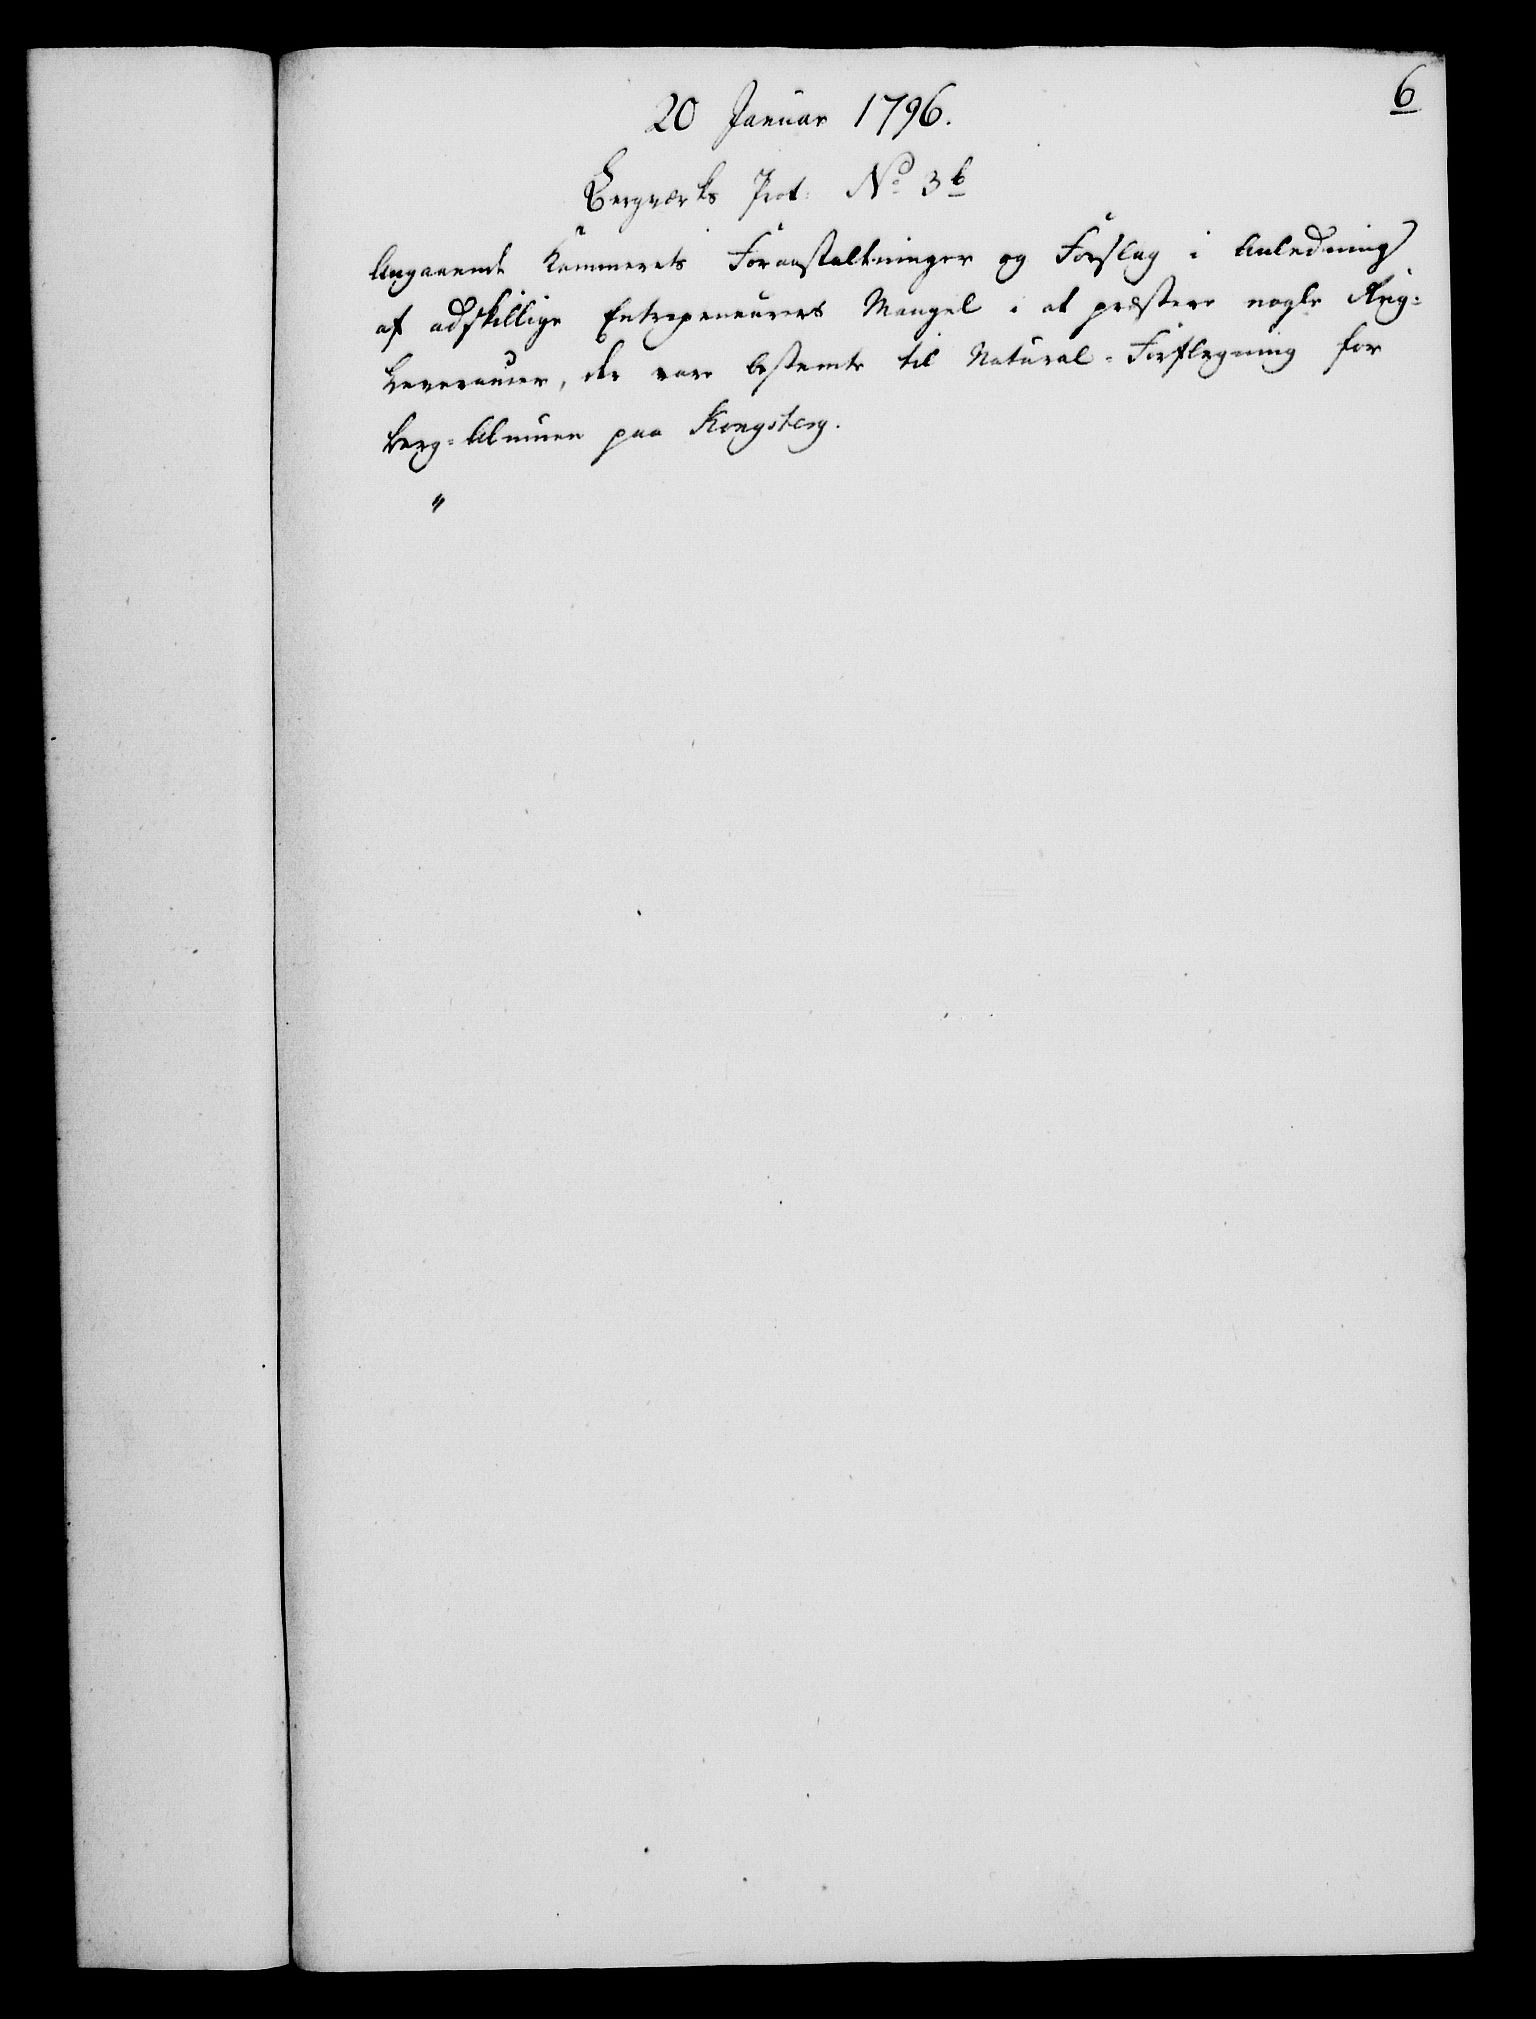 RA, Rentekammeret, Kammerkanselliet, G/Gf/Gfa/L0078: Norsk relasjons- og resolusjonsprotokoll (merket RK 52.78), 1796, s. 45